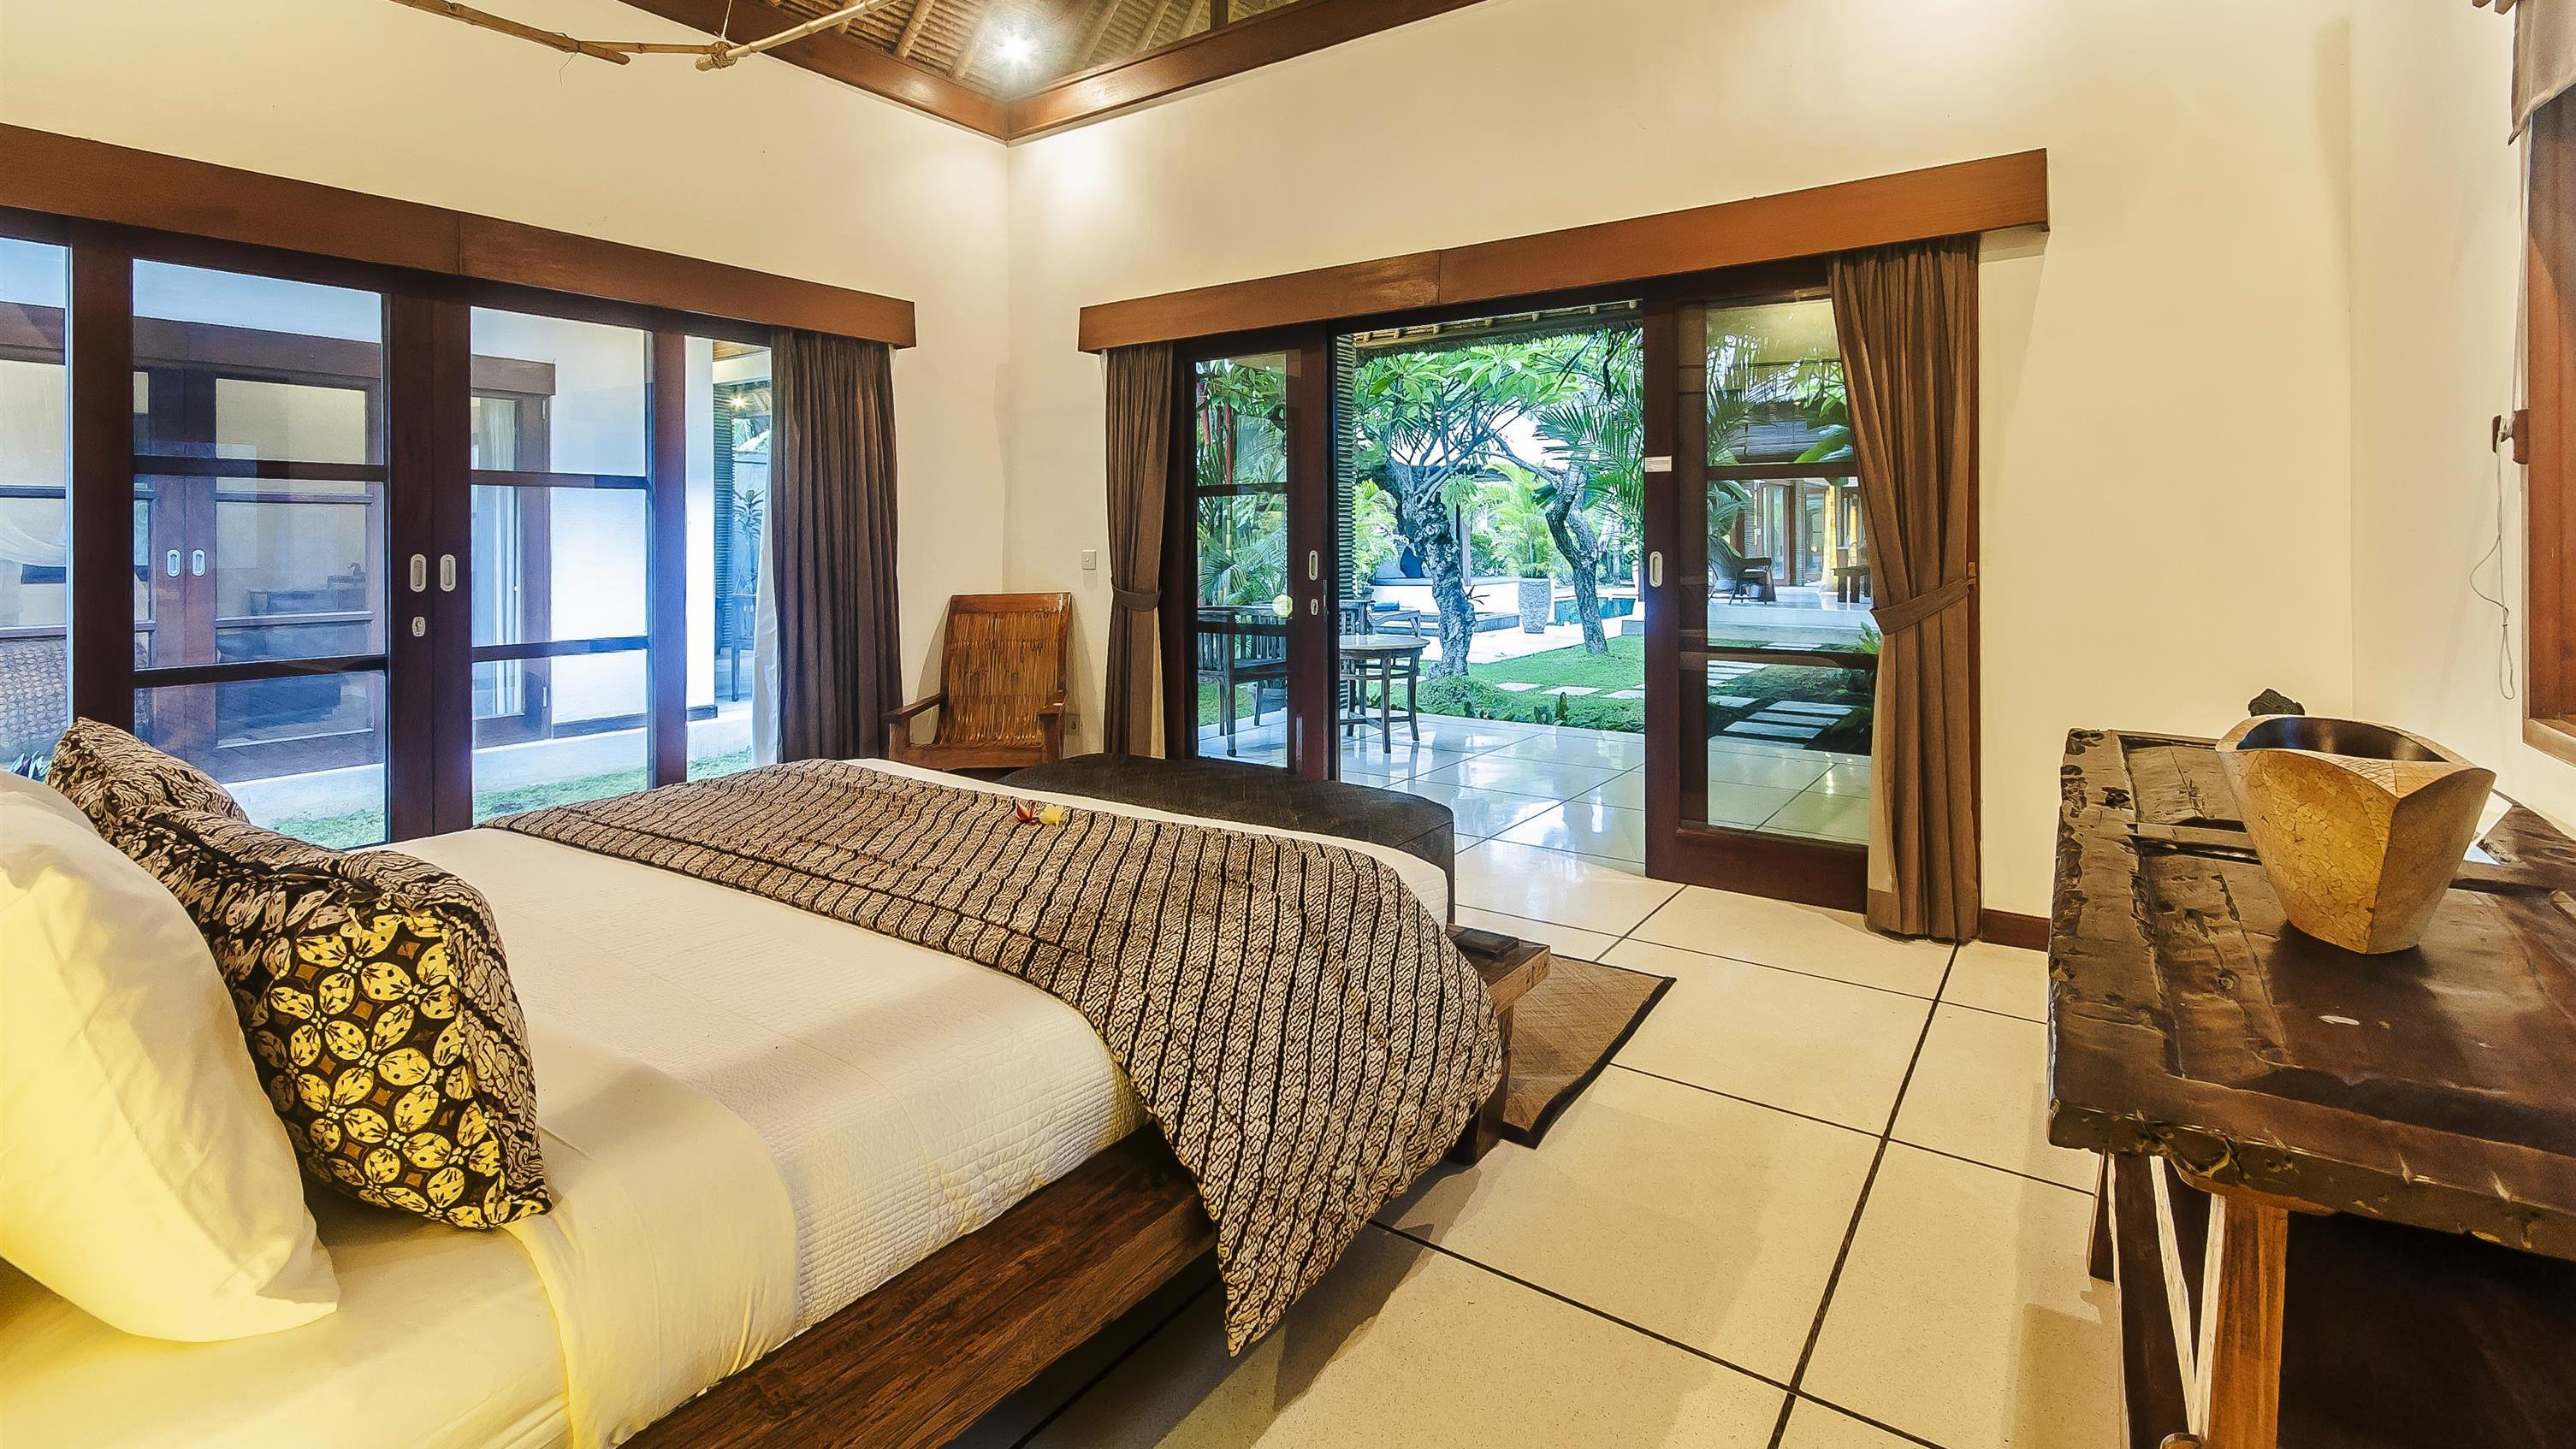 Bedroom with Outdoor View - Villa Damai - Seminyak, Bali